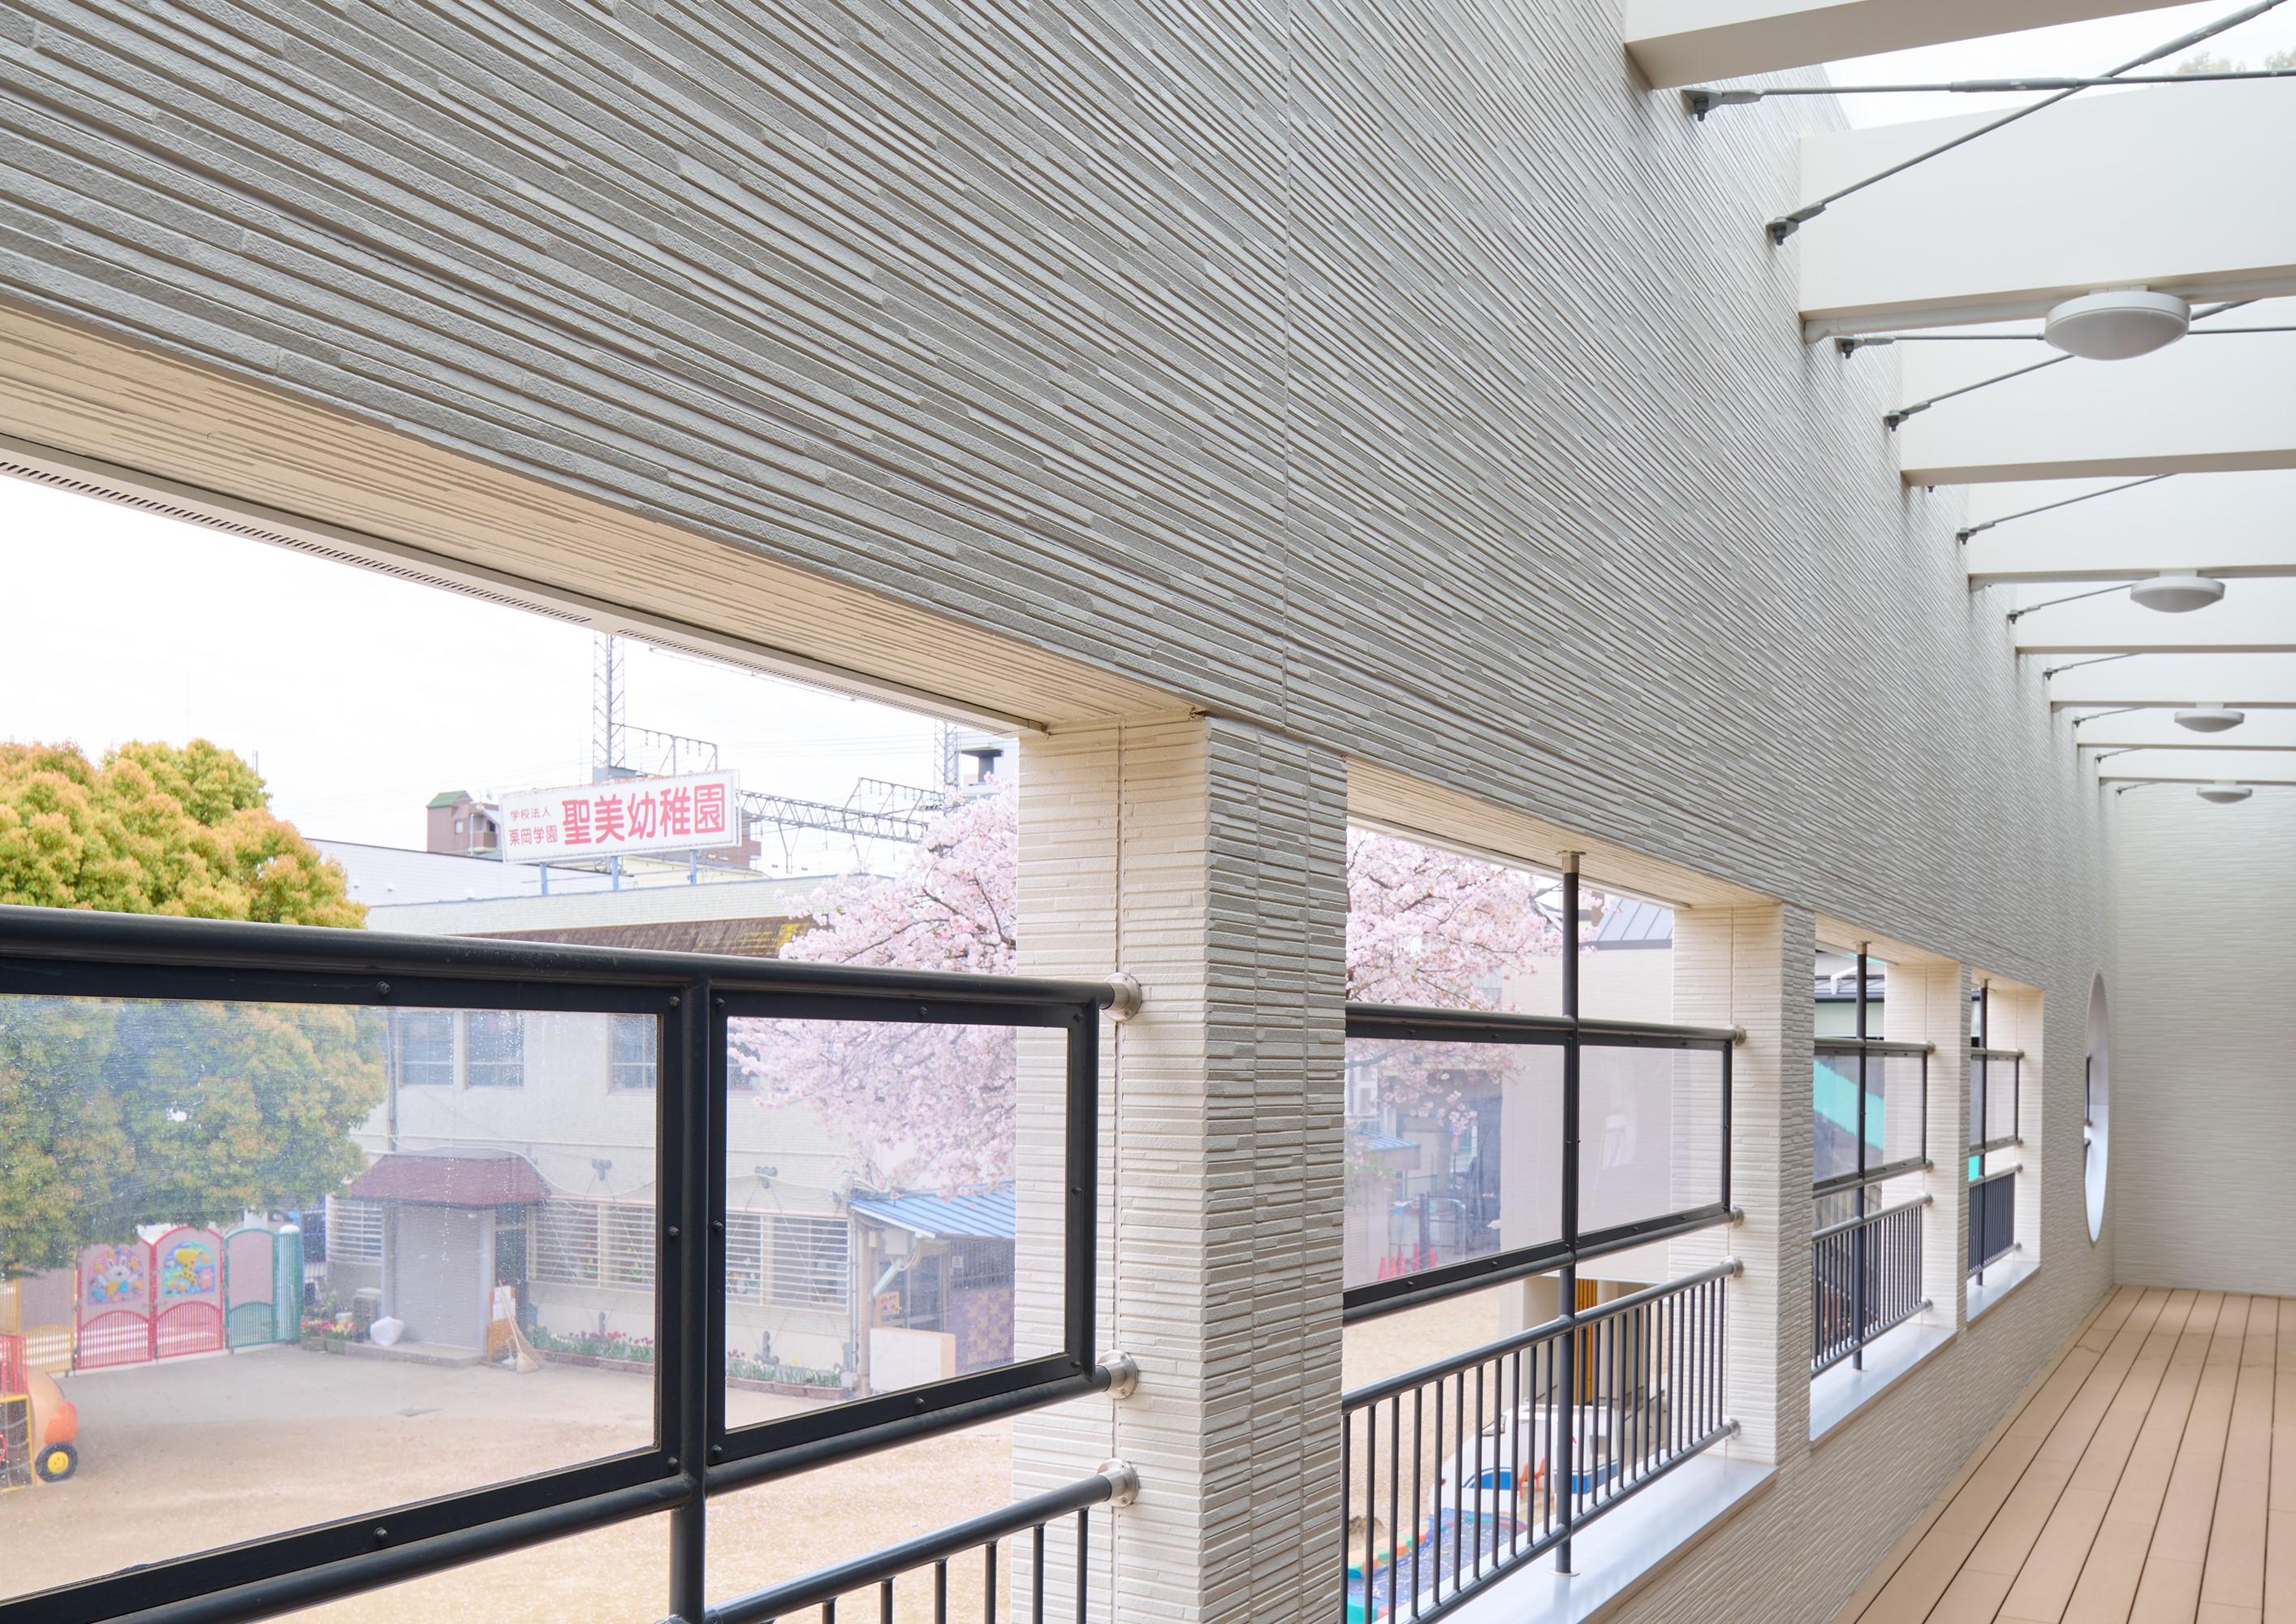 2階の回廊の天井面には透明な素材を用いて外光を取り入れて明るい半屋外空間を実現